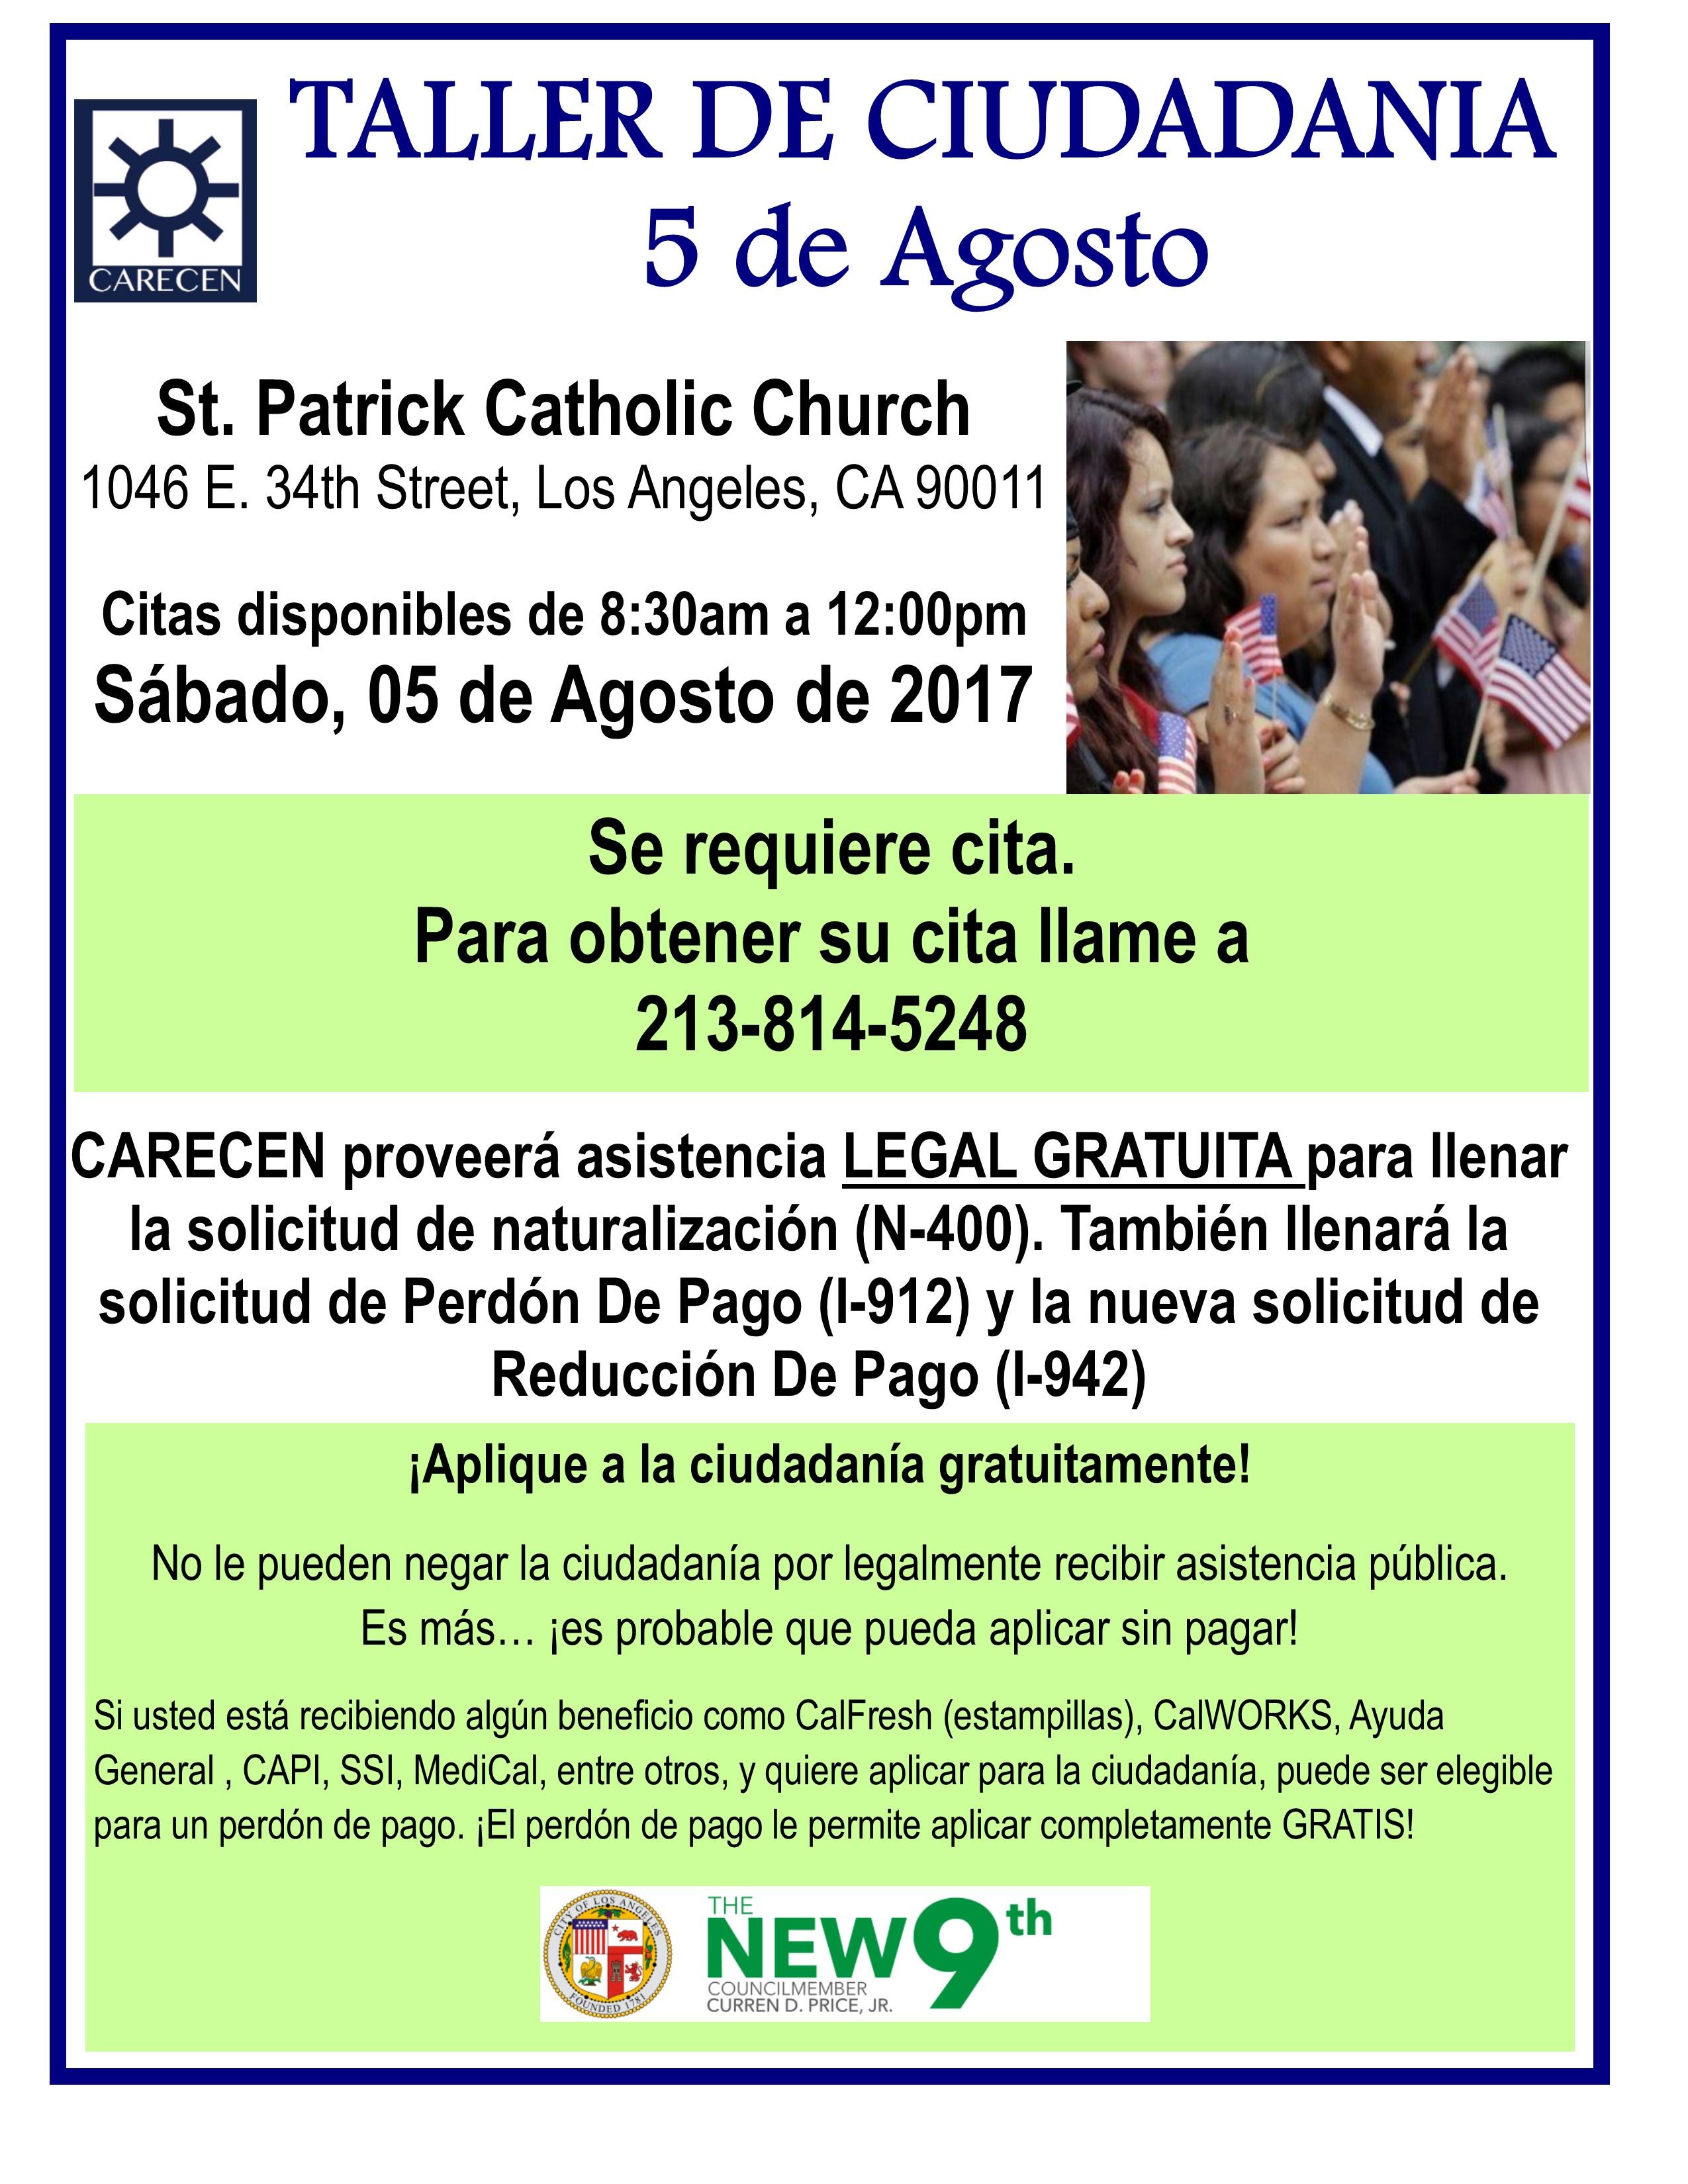 17-08-05_CD9_Citizenship_Event_Flyer_Spanish.jpg